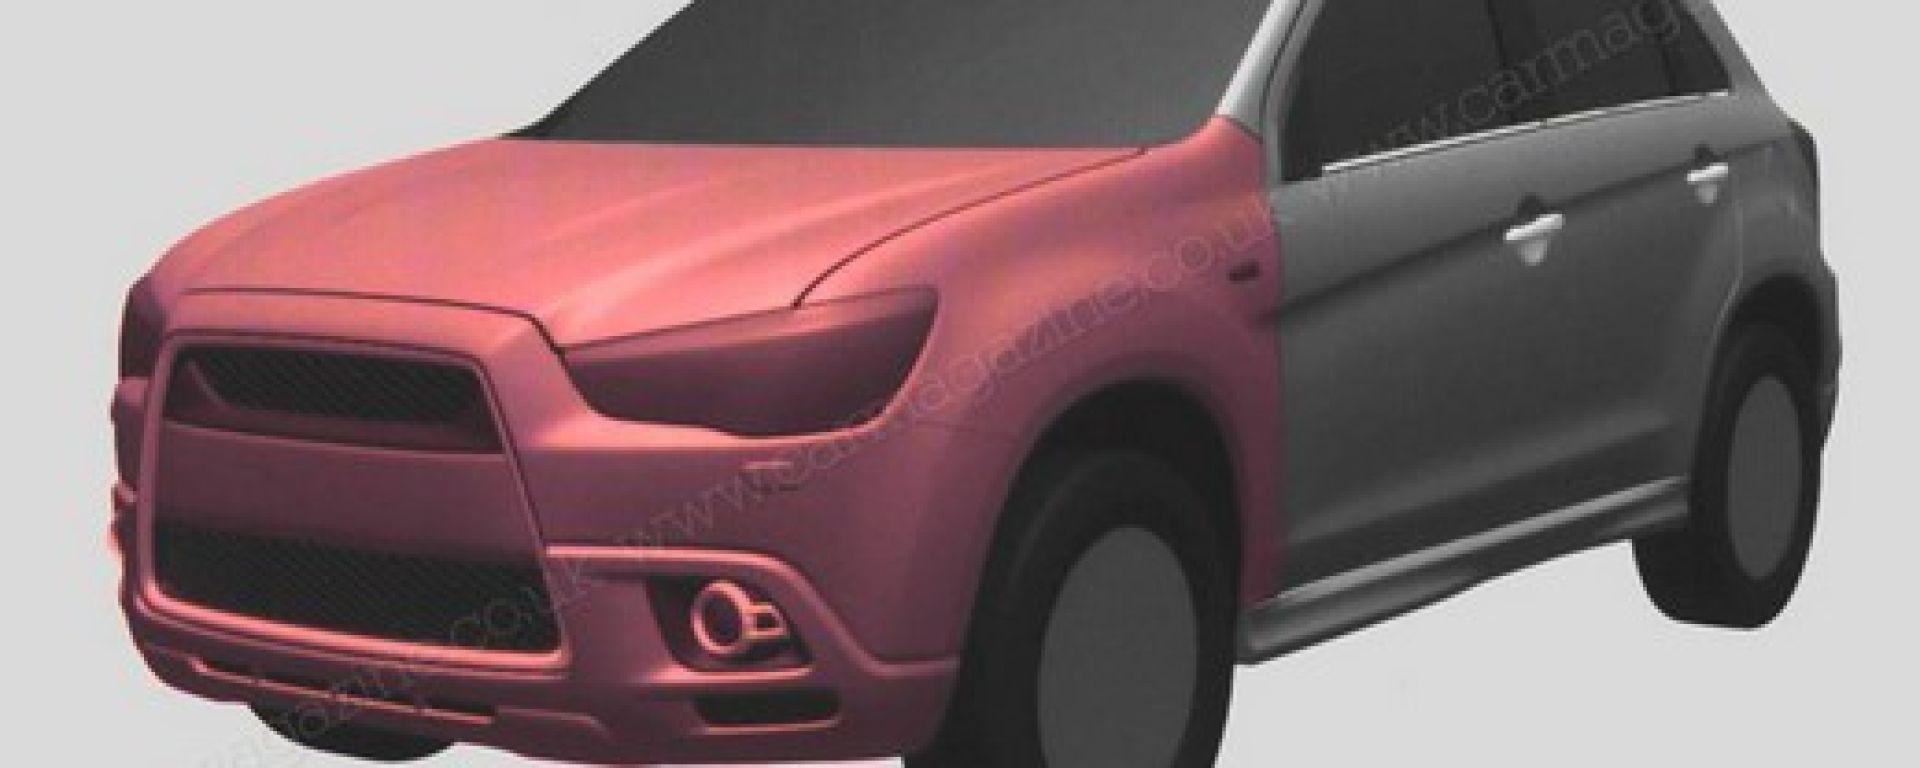 Mitsubishi CX Compact Crossover